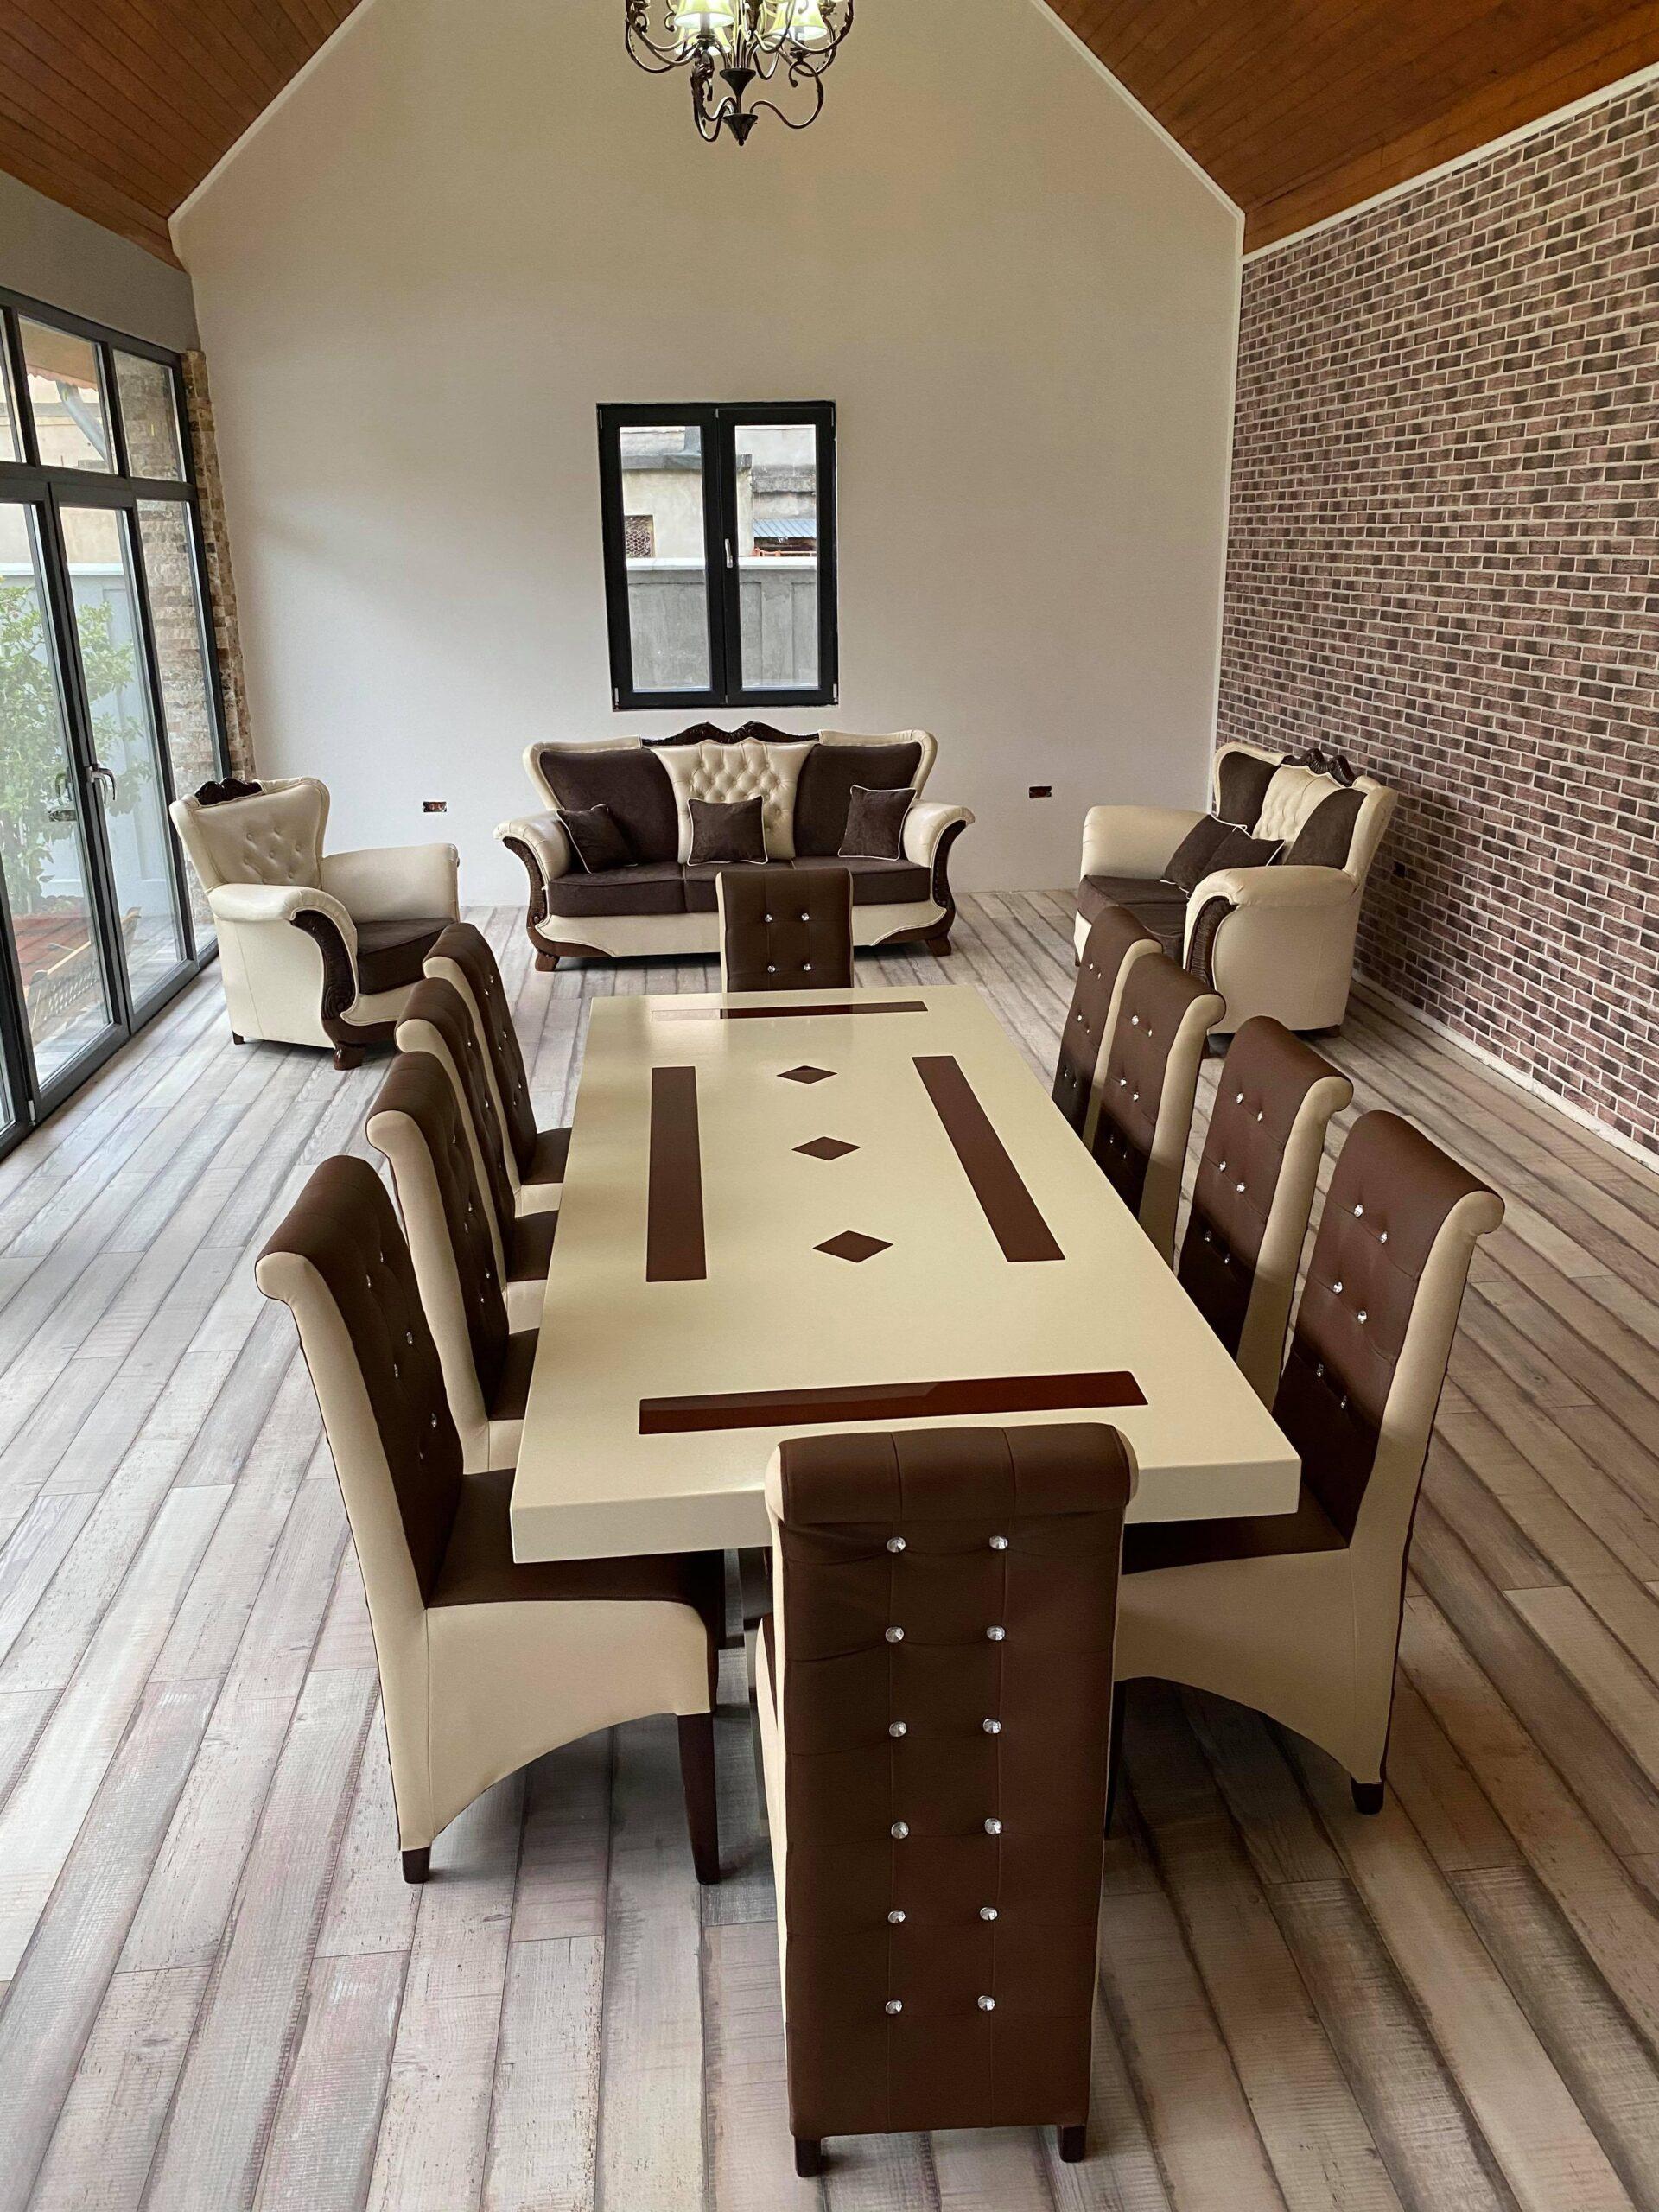 mobilier din lemn masiv la comanda, mobila din lemn masiv la comanda, mobilier, coltare, paturi, usi, seturi de mese si scaune